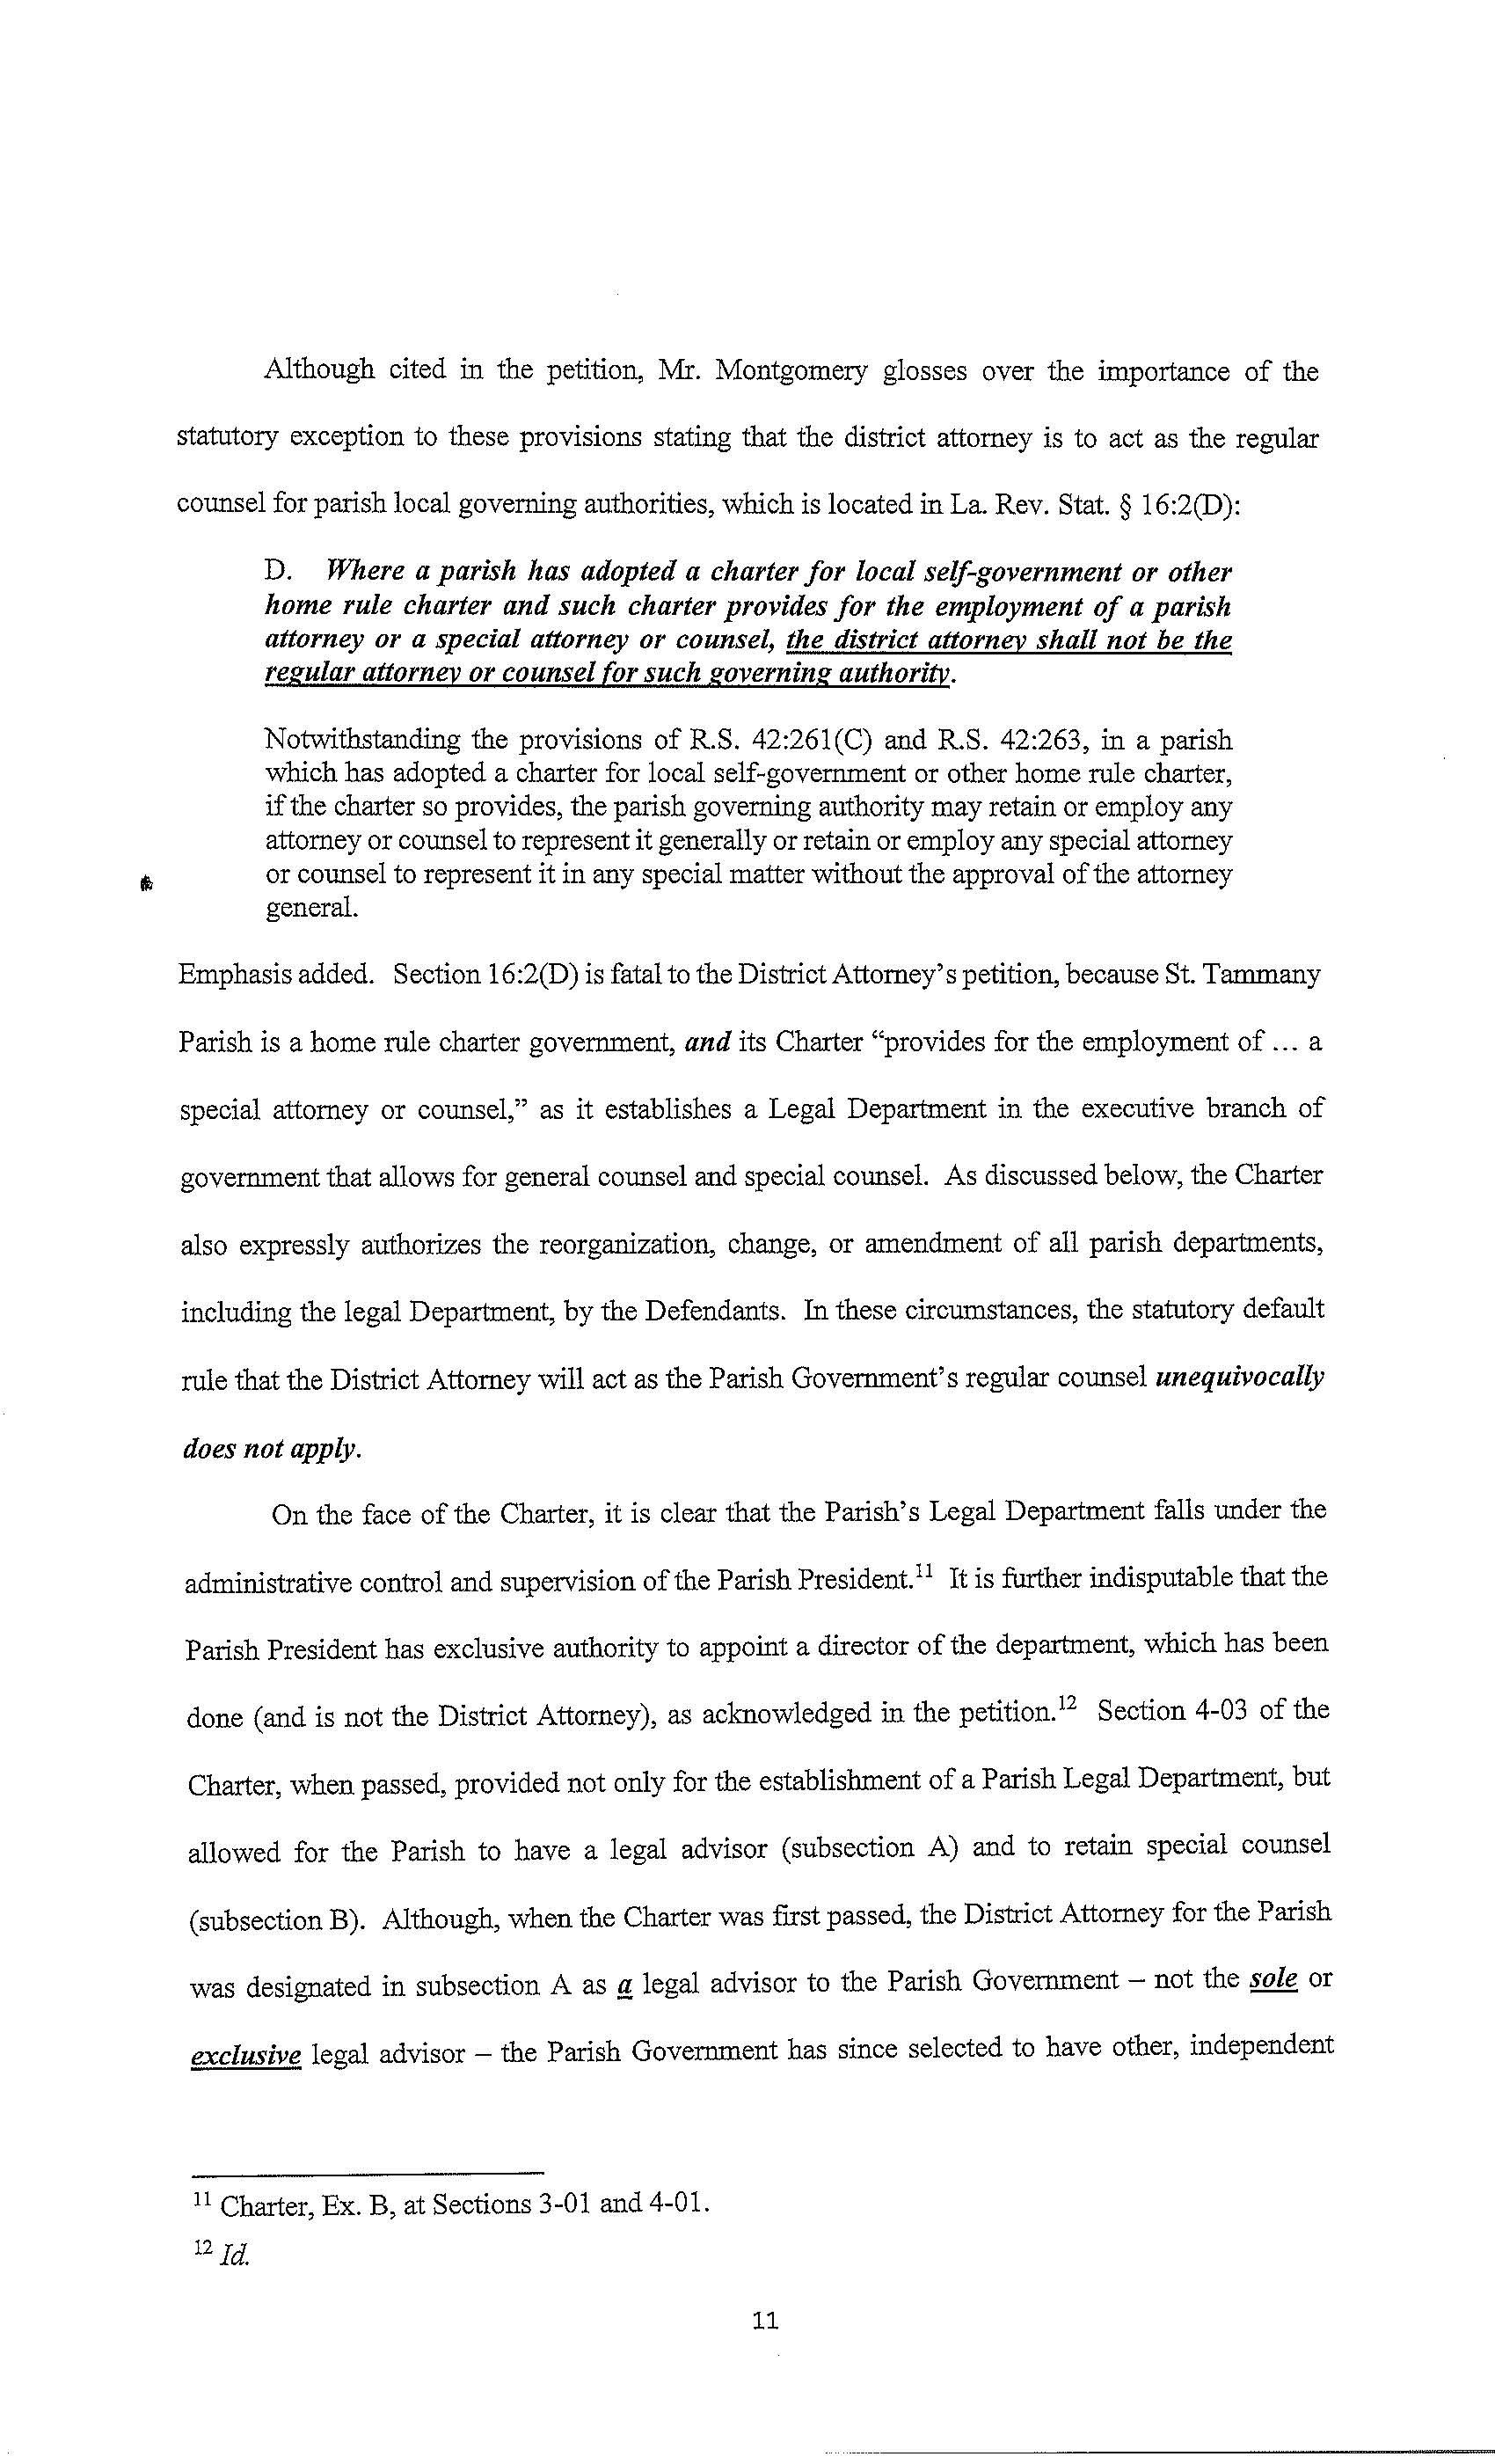 Defendantsu0027 Memorandum In Support Of Exceptions